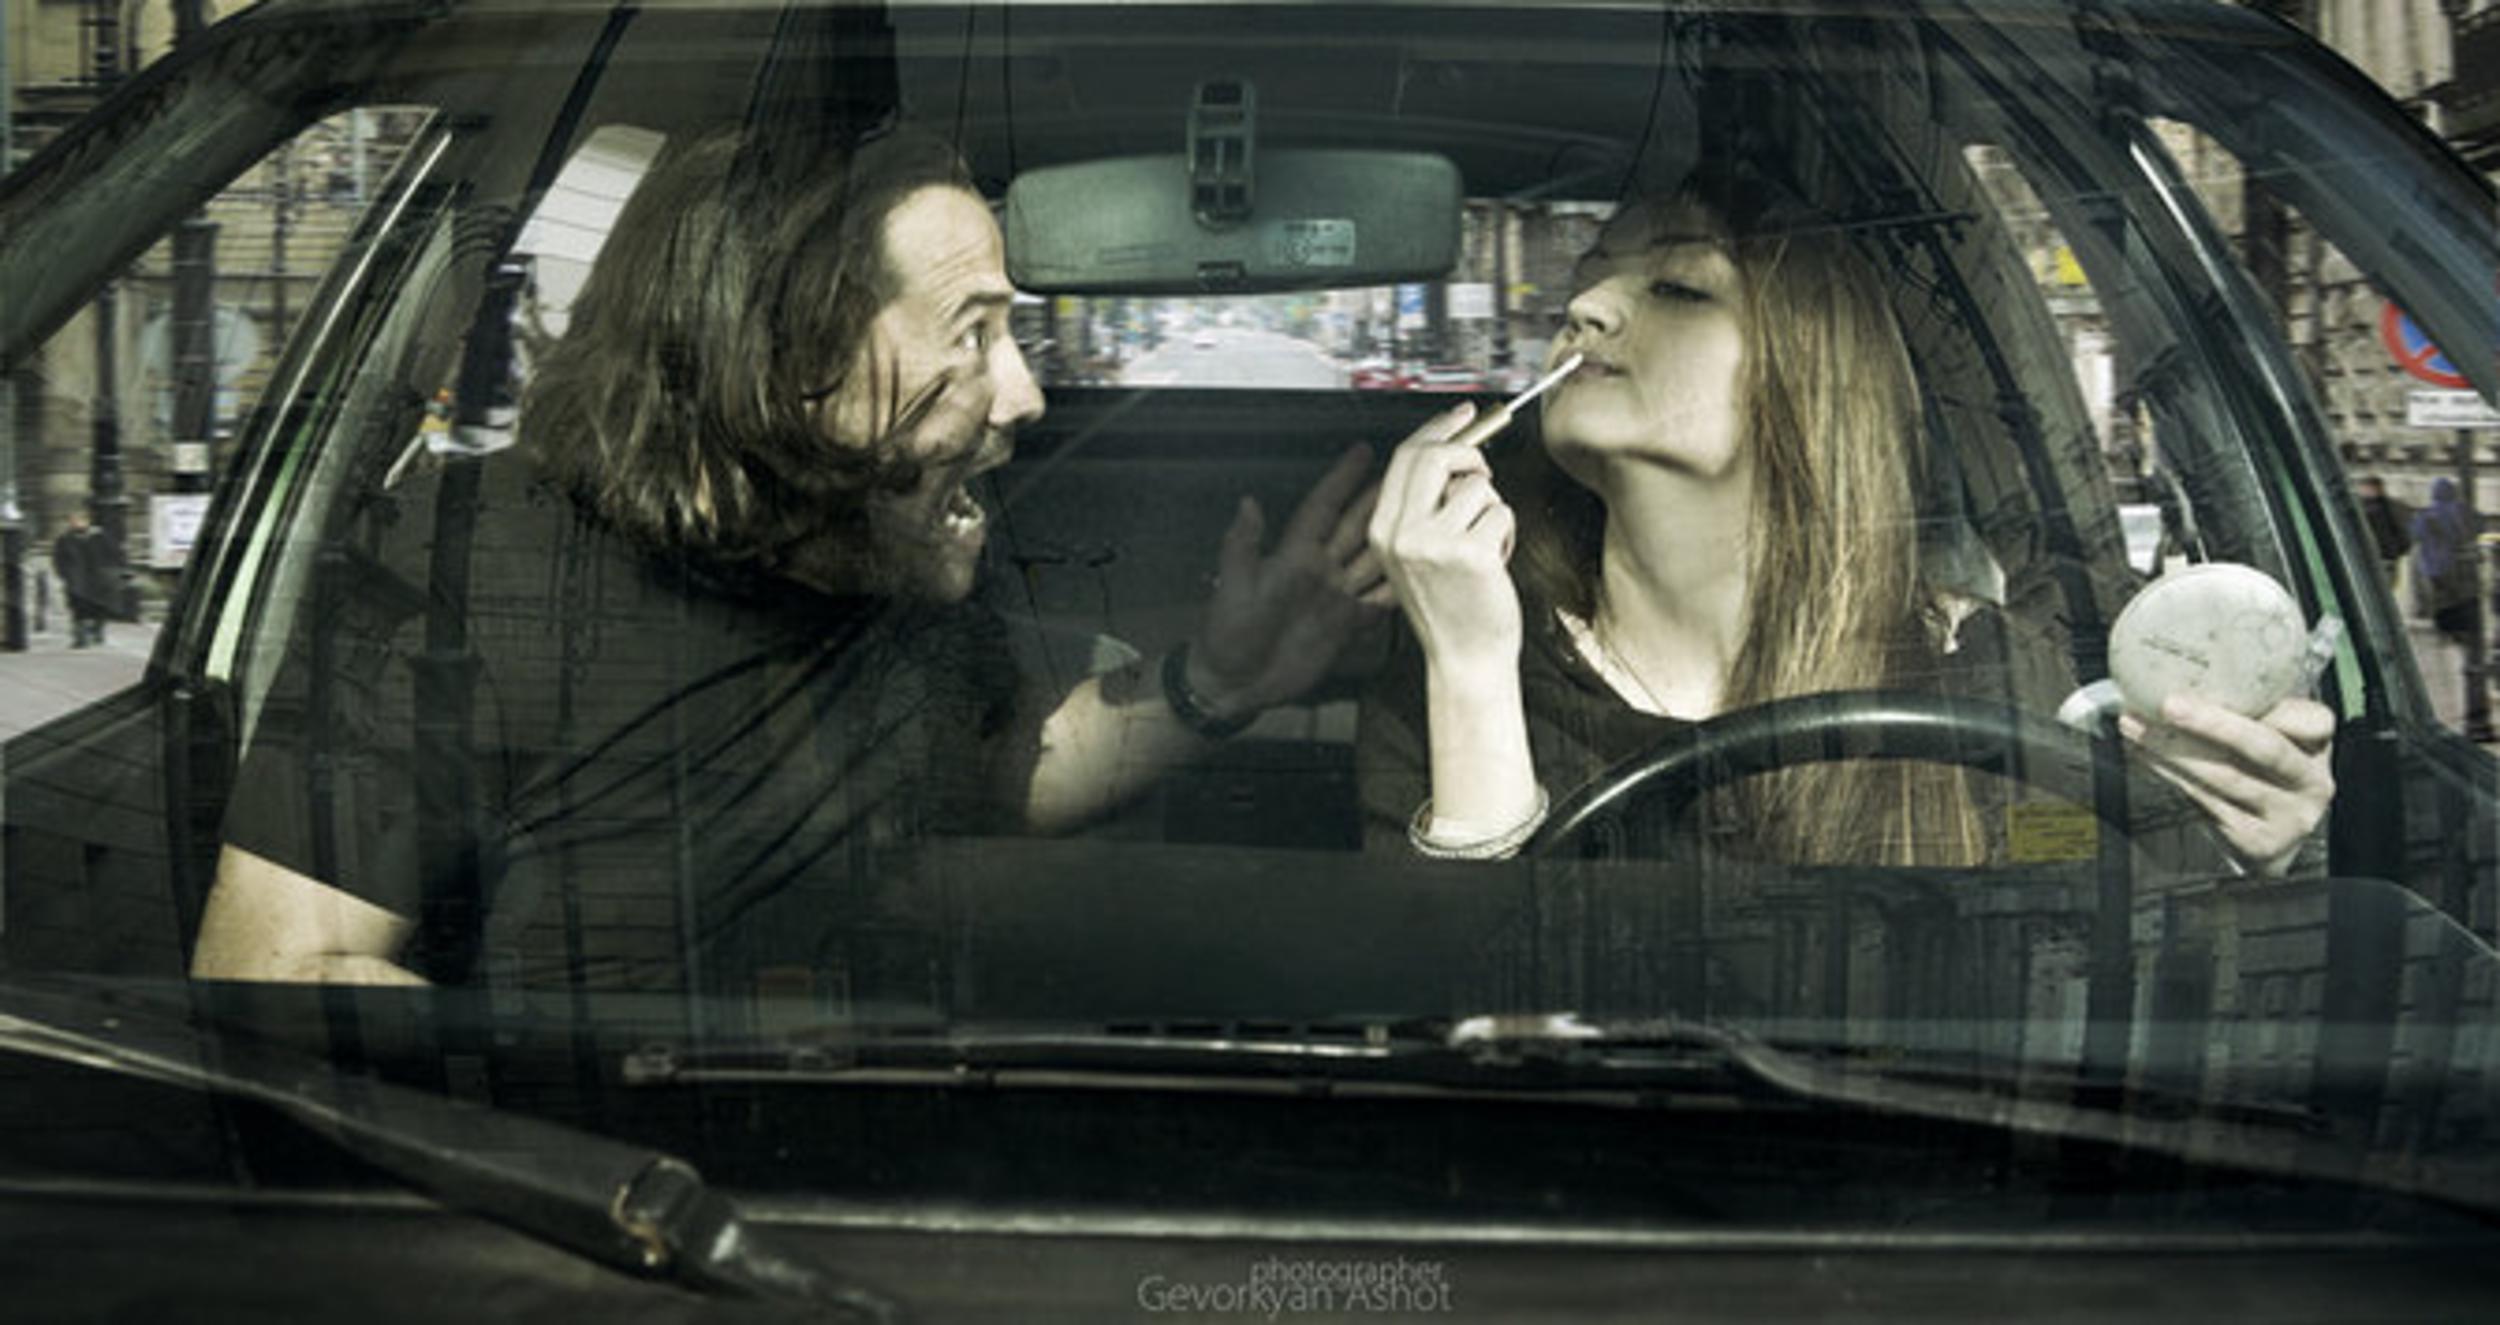 Что может произойти если сесть к незнакомцу в машину 3 фотография